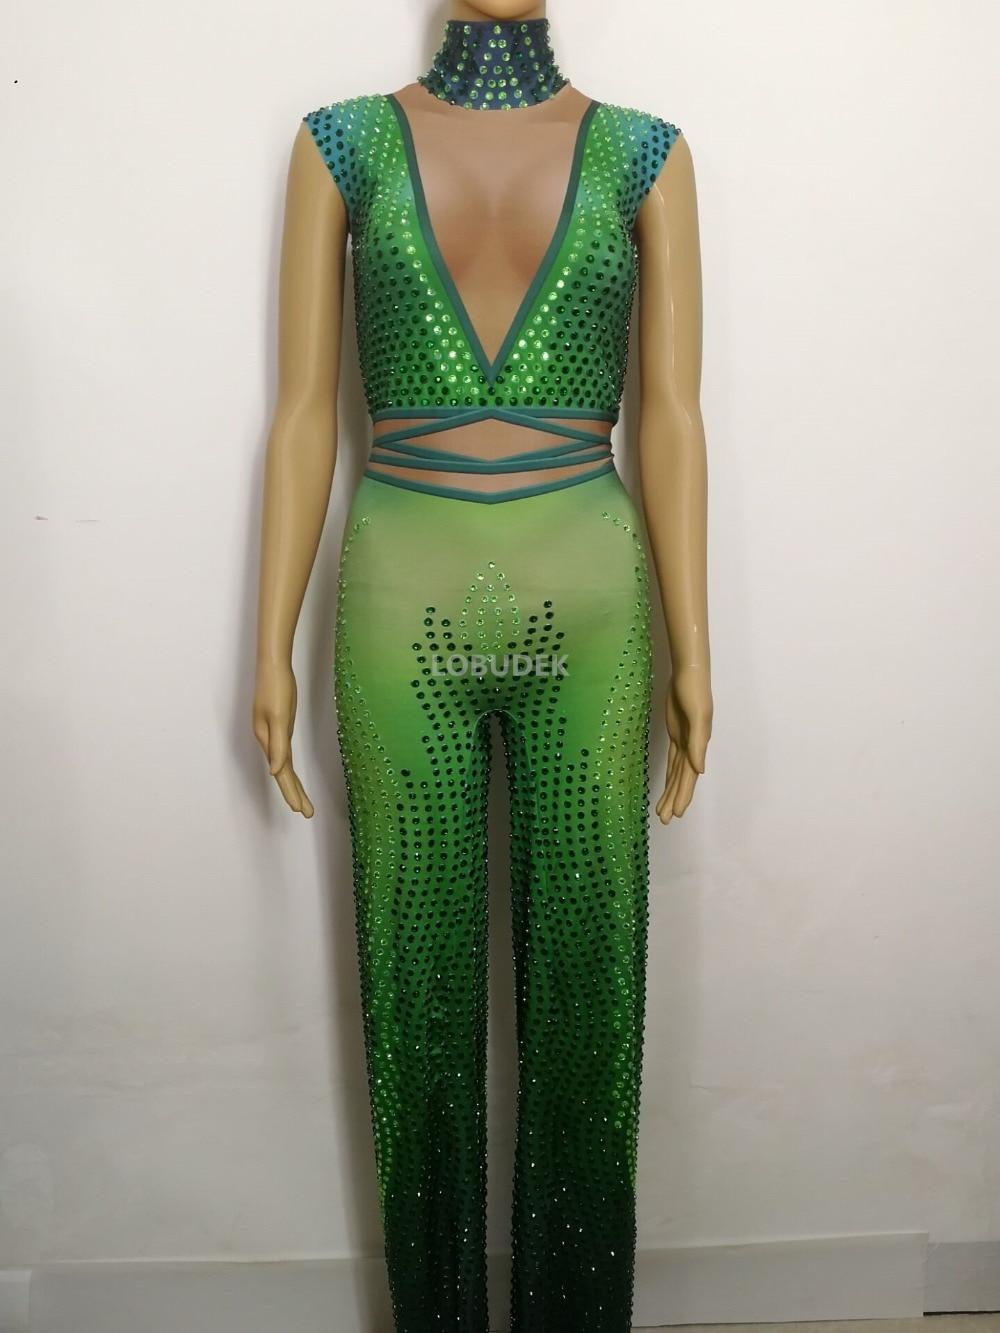 Dj Scintillant Tenue Femmes Célébration Discothèque Pièce Sexy Costume Body Show Parti Strass D'une Seule Salopette Bar Vert Extensible rvXxrqC